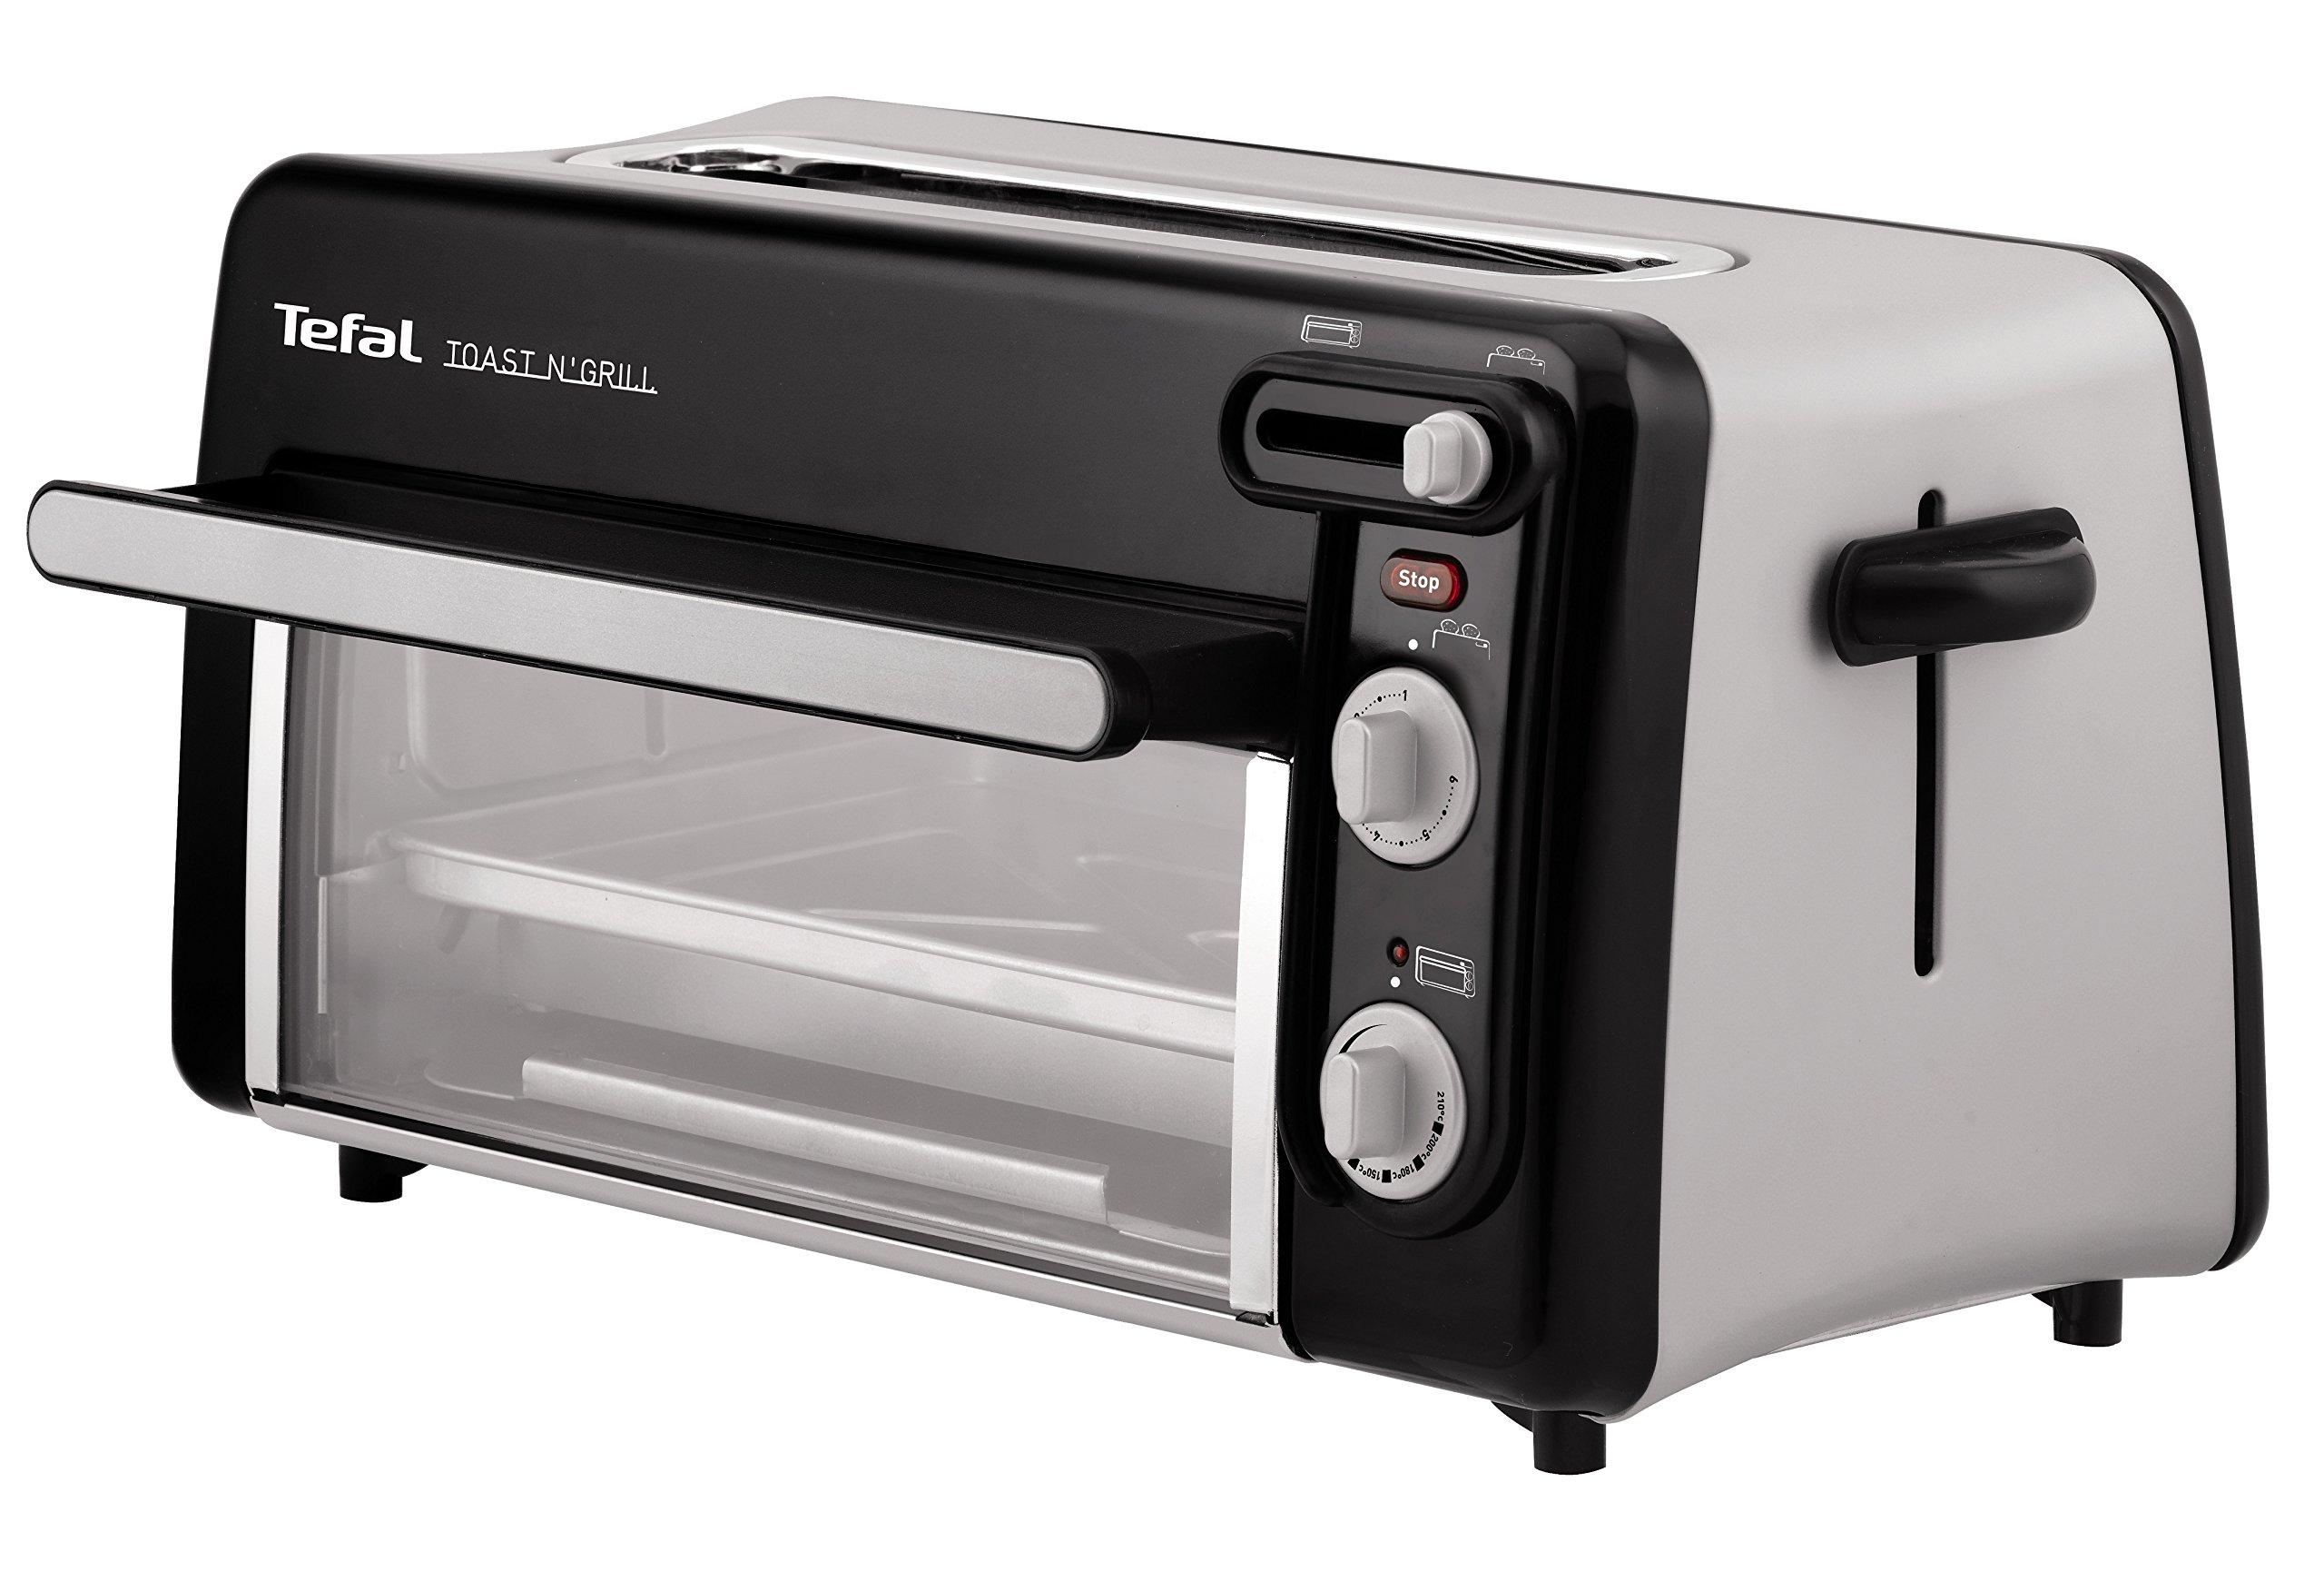 Tefal-Toast-n-Grill-TL6008-2in1-Toaster-und-Mini-Ofen-1300-Watt